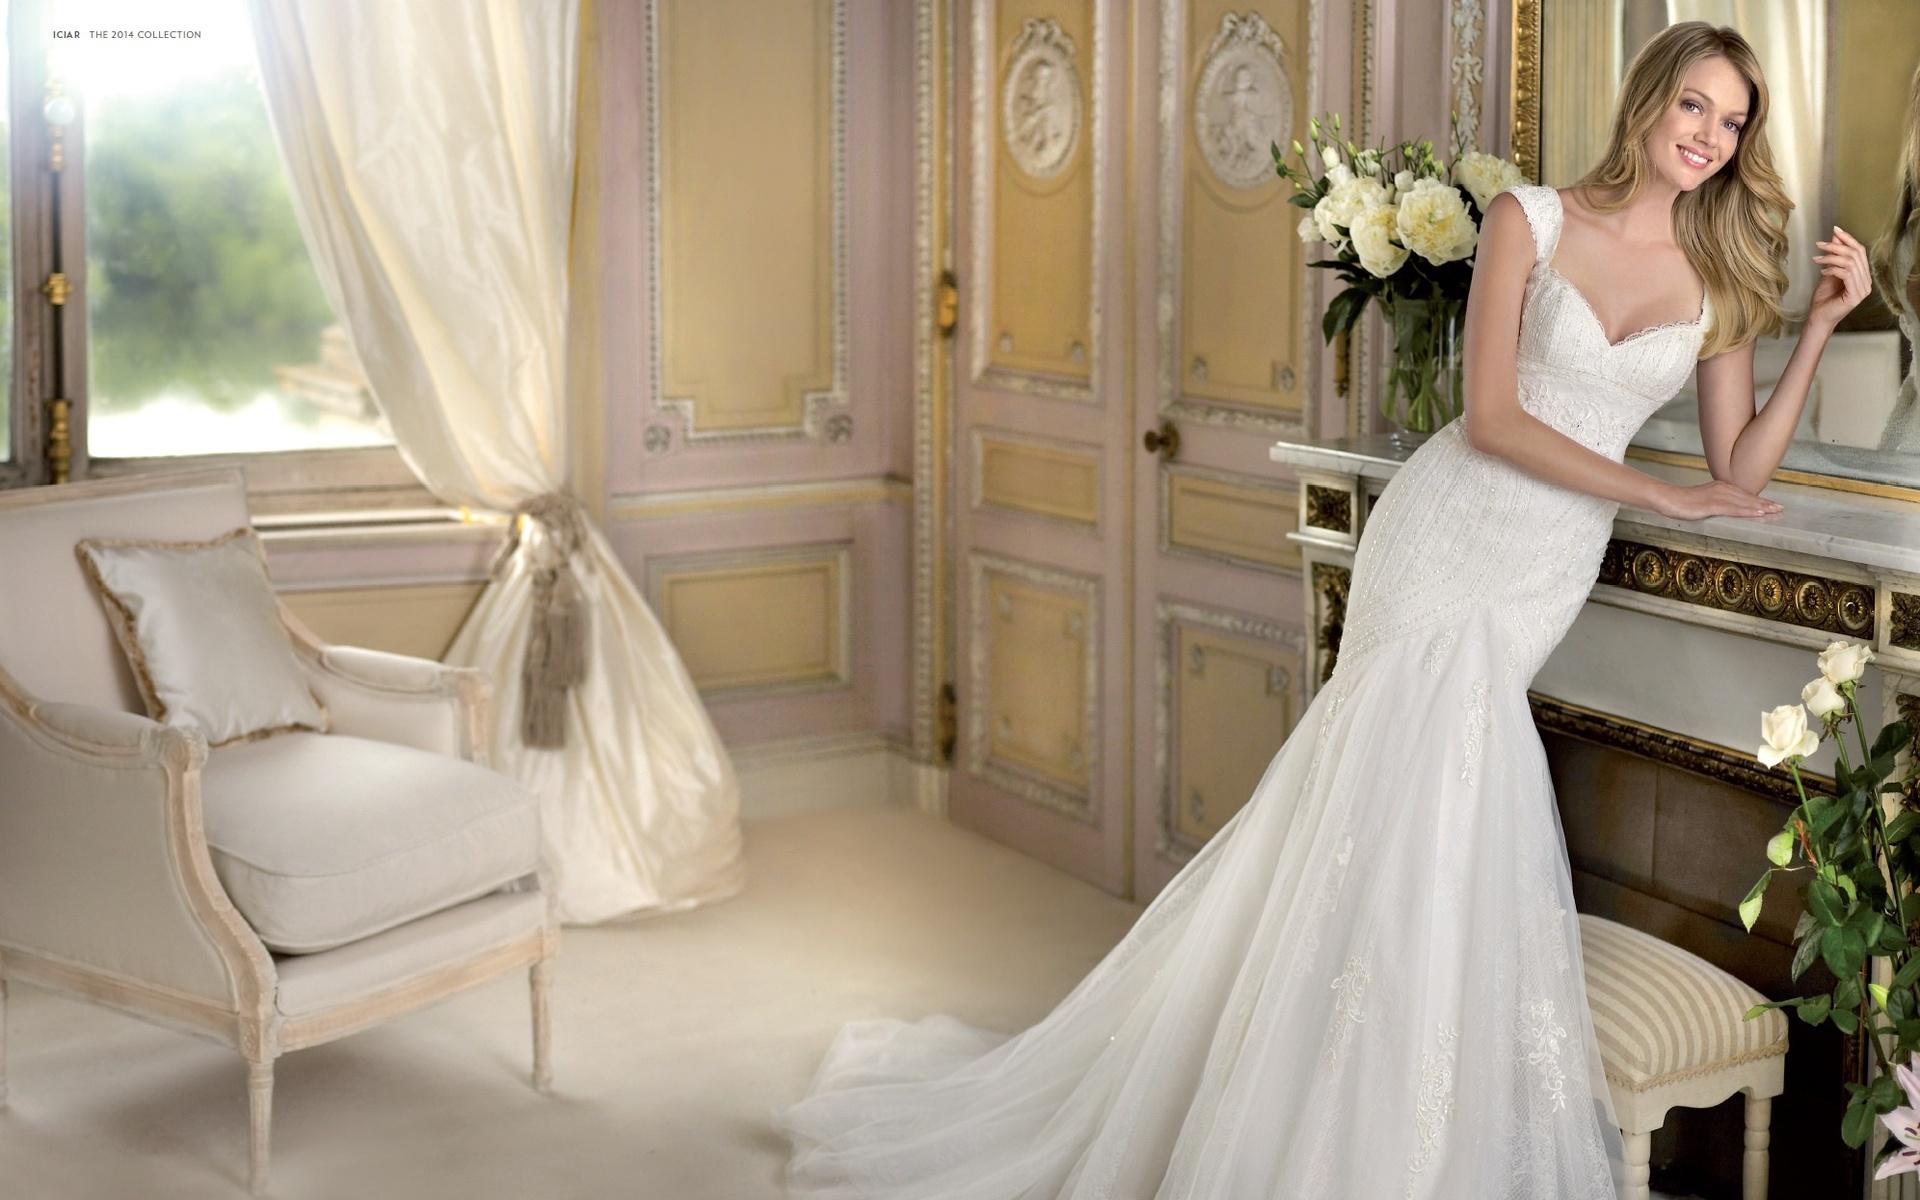 разобраться, как фотосессия в свадебных нарядах когда училась